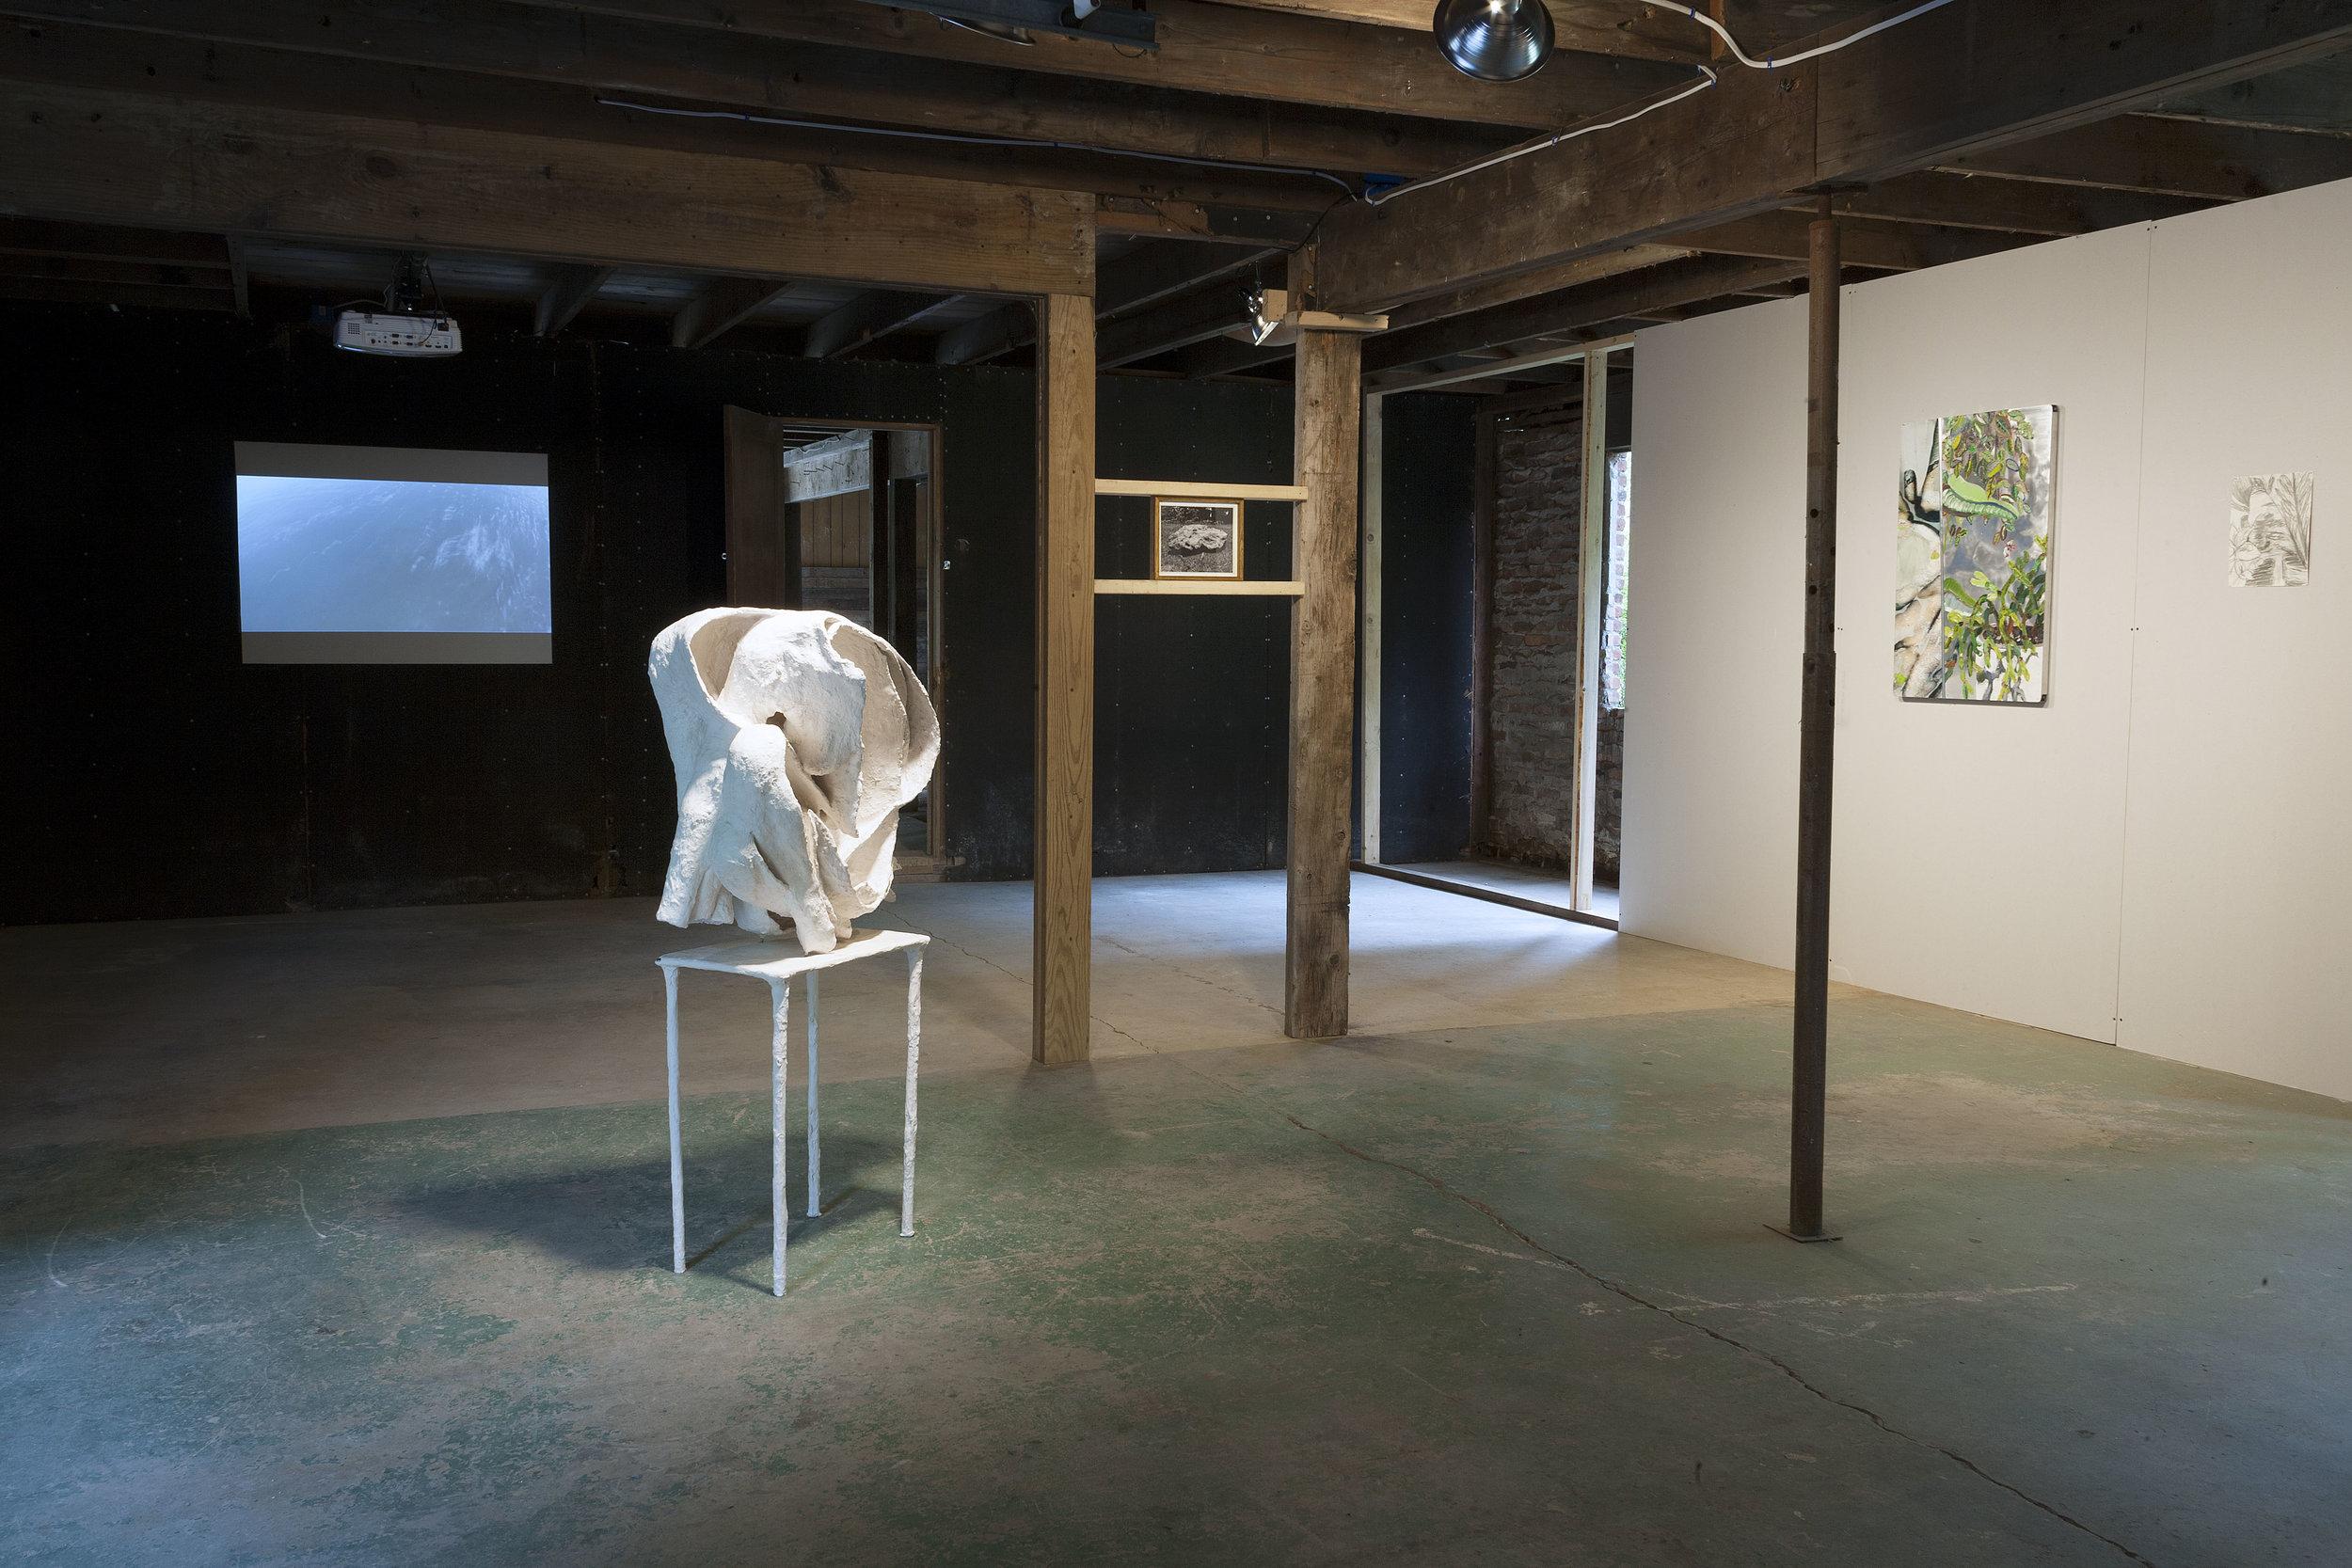 Prima Materia, Lacasapark, exhibition view, 2018